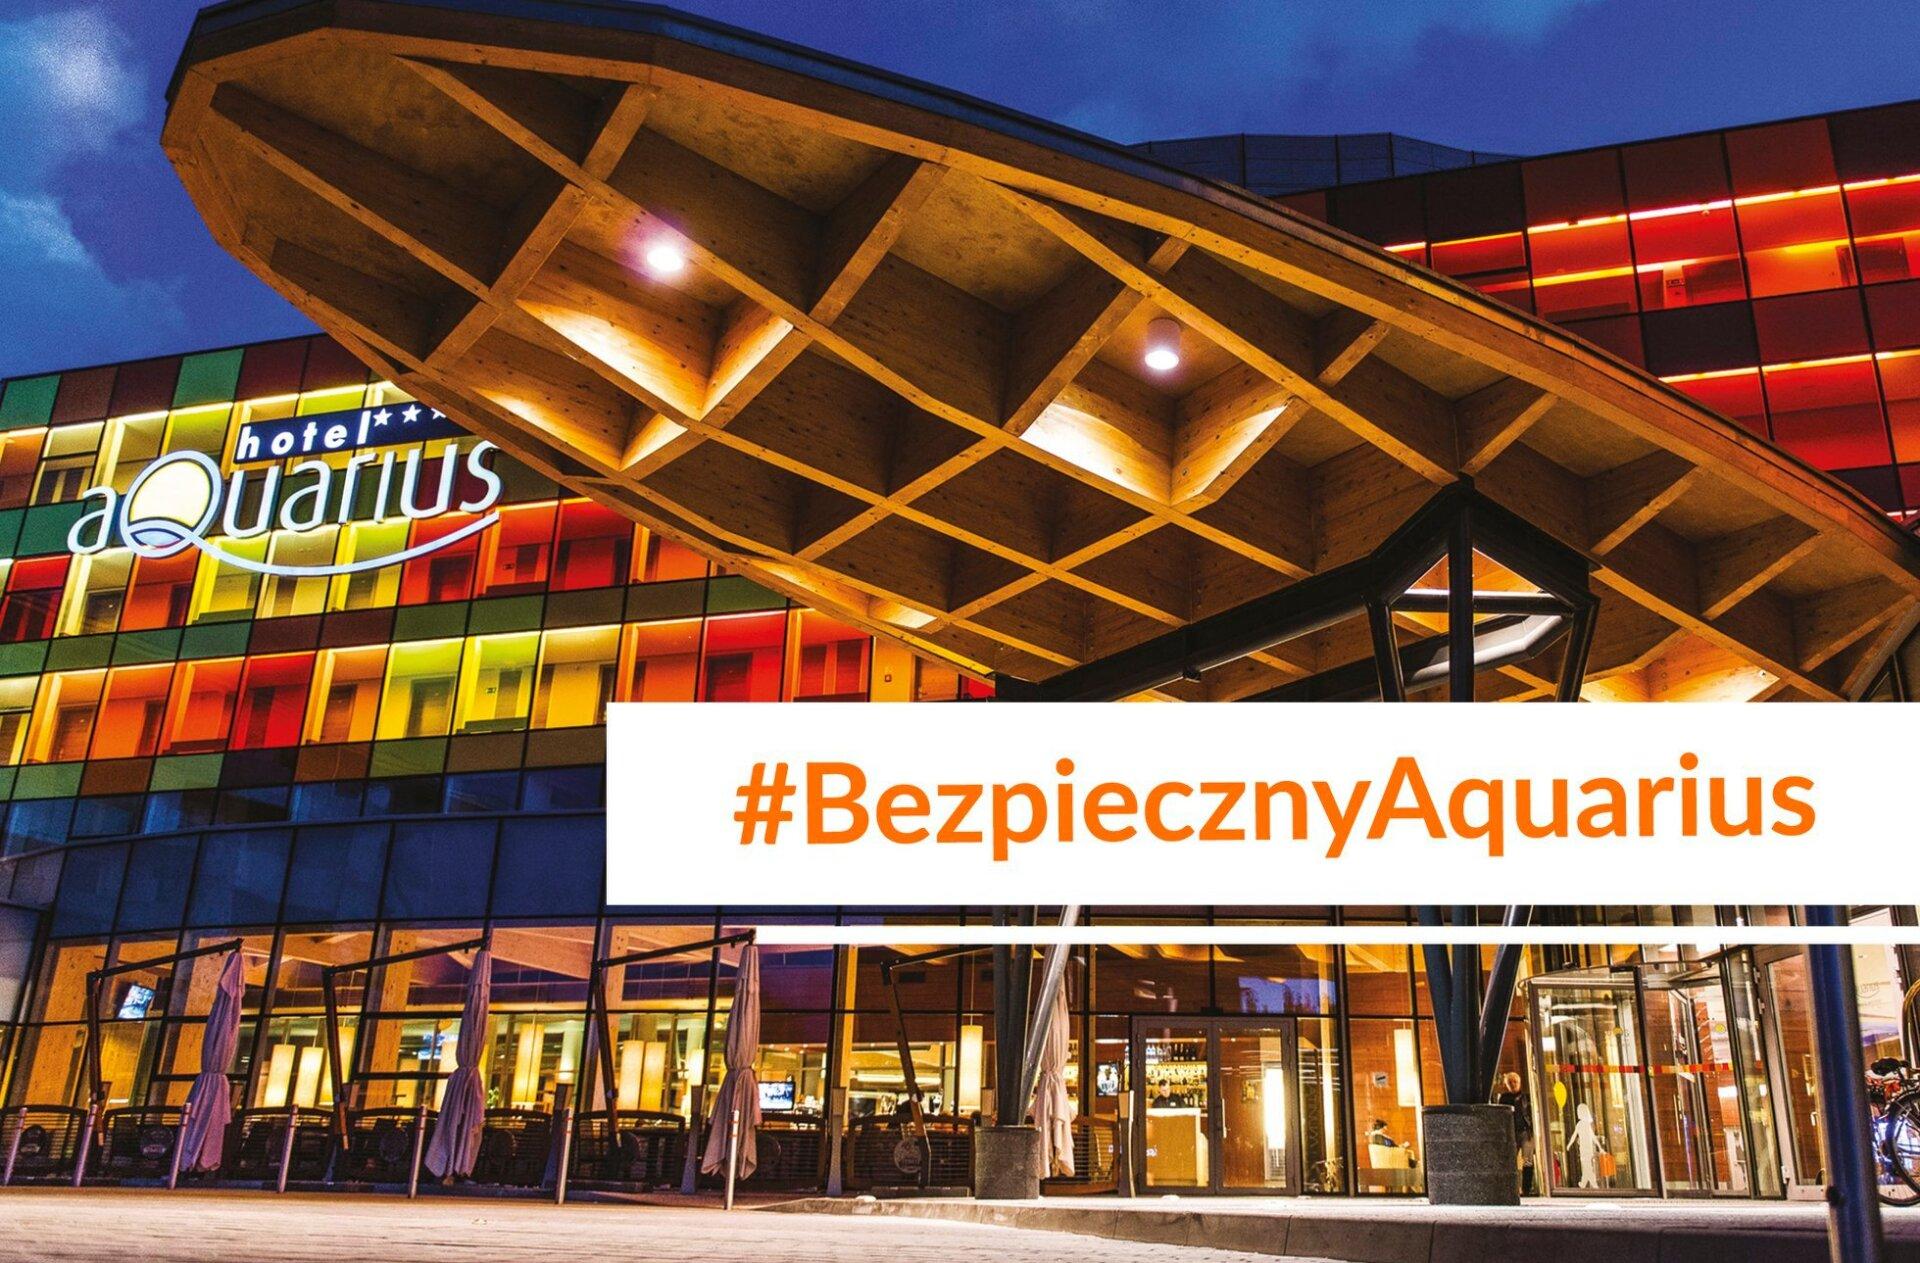 Bezpieczny hotel AQUARIUS SPA w KOłobrzegu